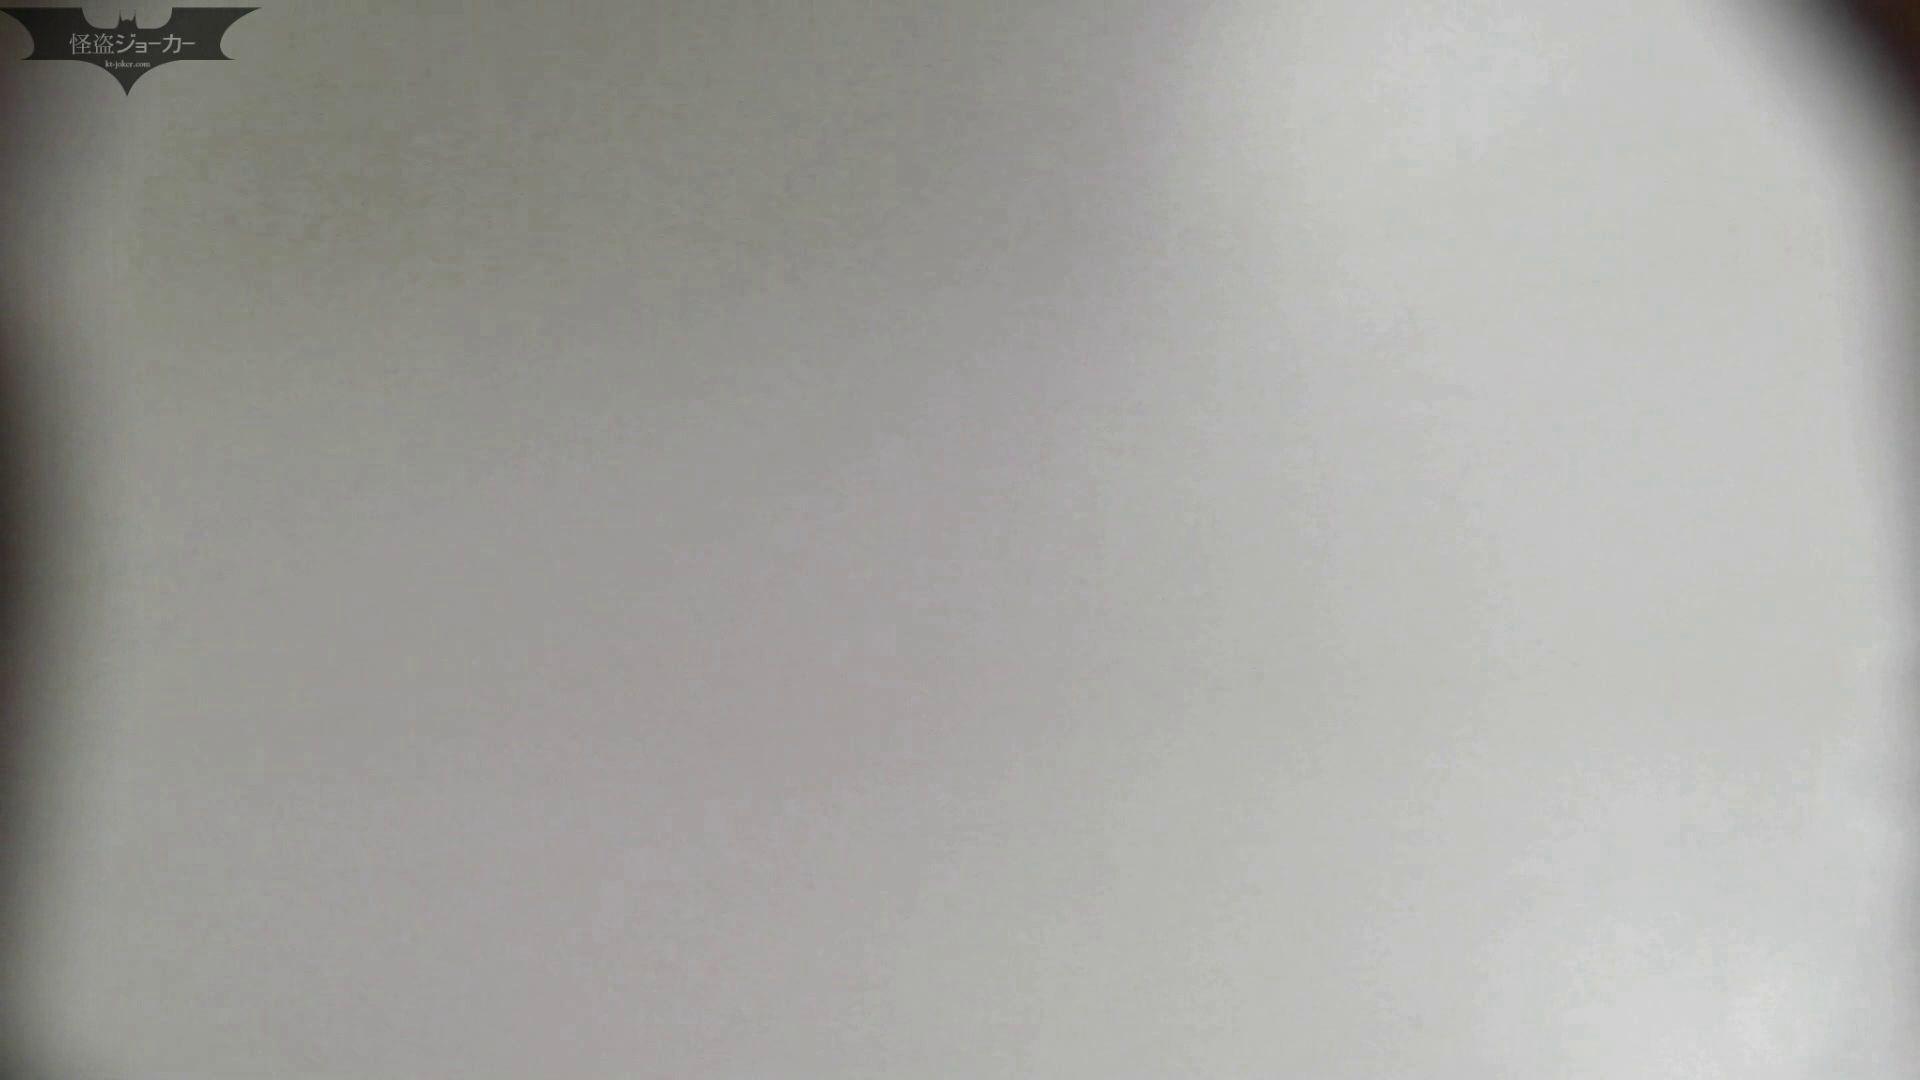 洗面所特攻隊 vol.56 白濁まみれのごっつい一本!!技あり 丸見え | ギャル達  110枚 64